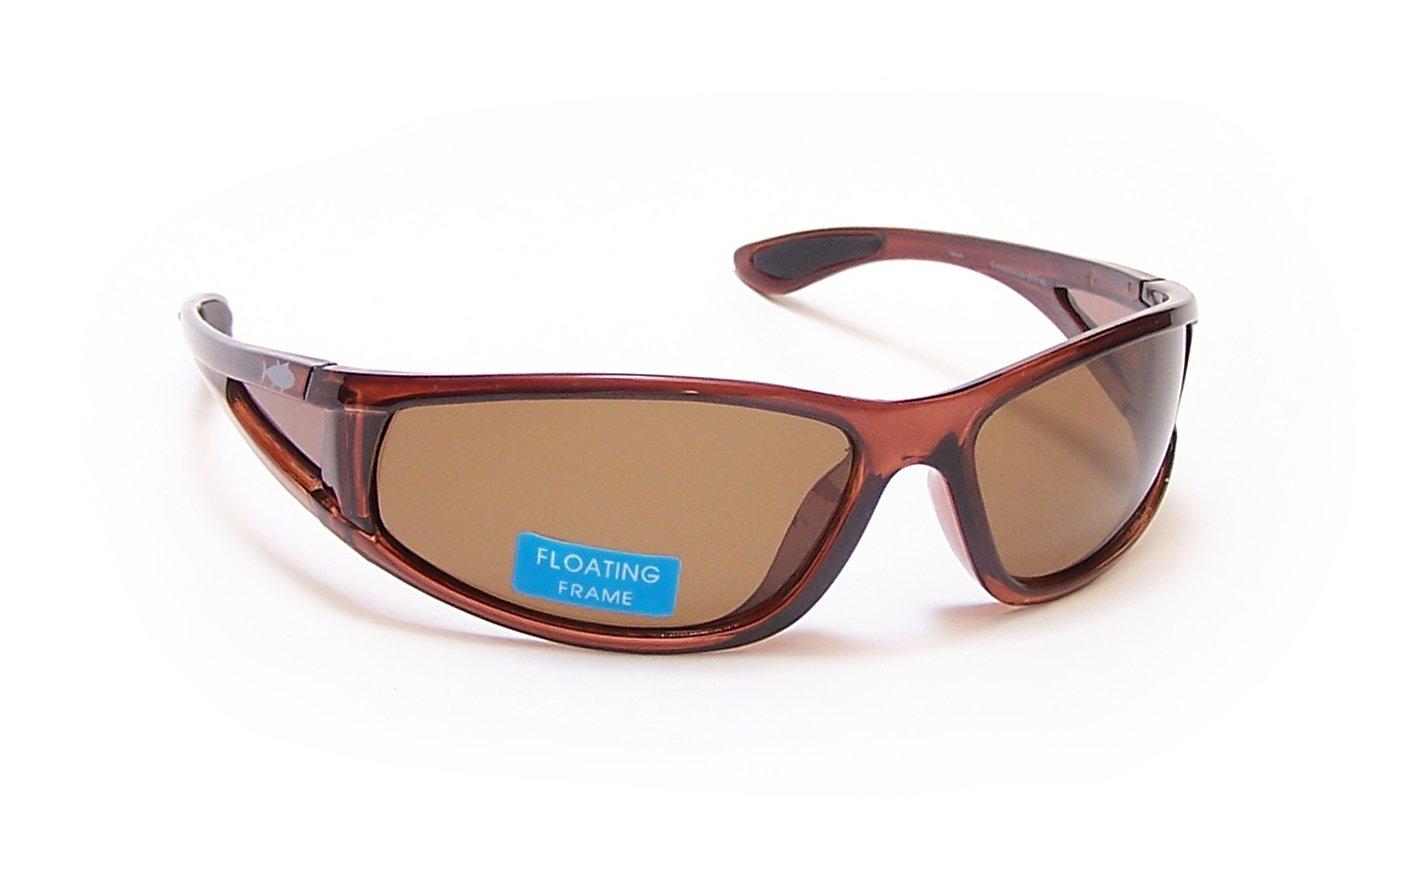 Coyote Eyewear FP-86 Bobs Floating Polarized Sunglasses